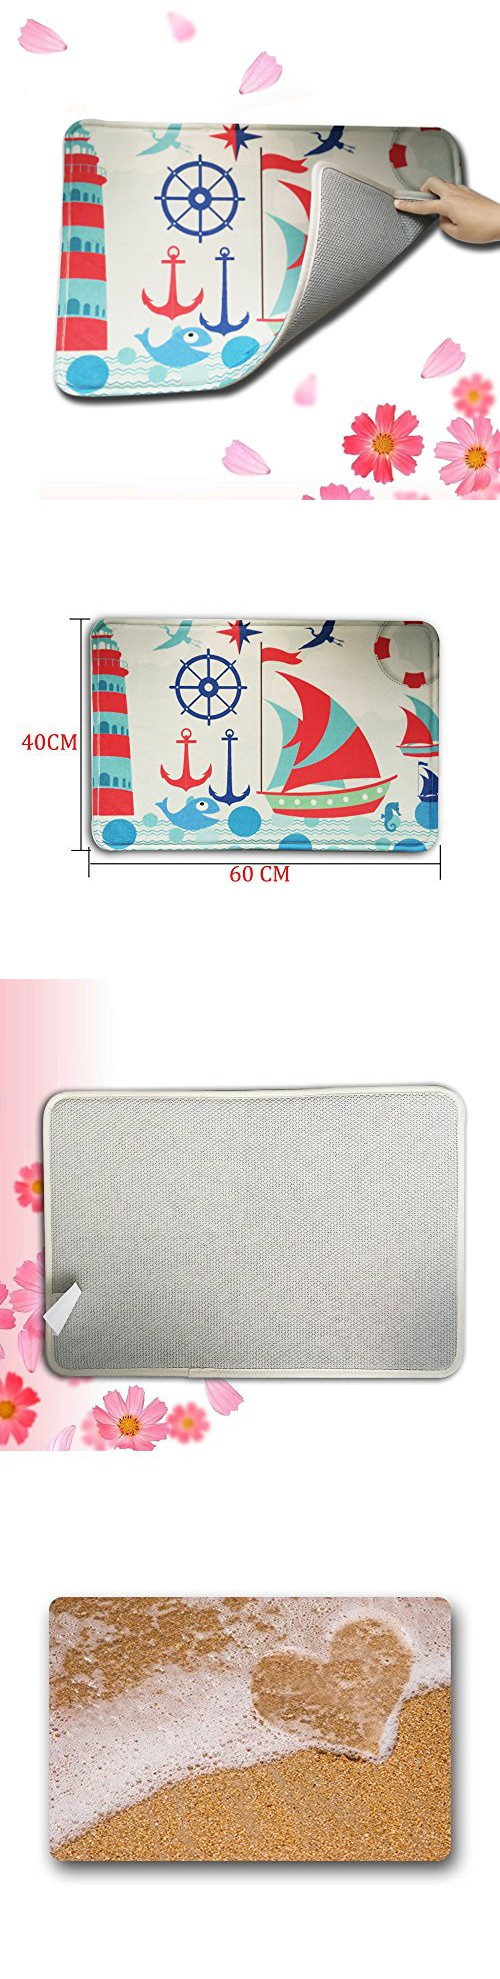 Shirley\'s Door Mats Custom Beach Theme Kitchen Rugs Cover Non-Slip ...